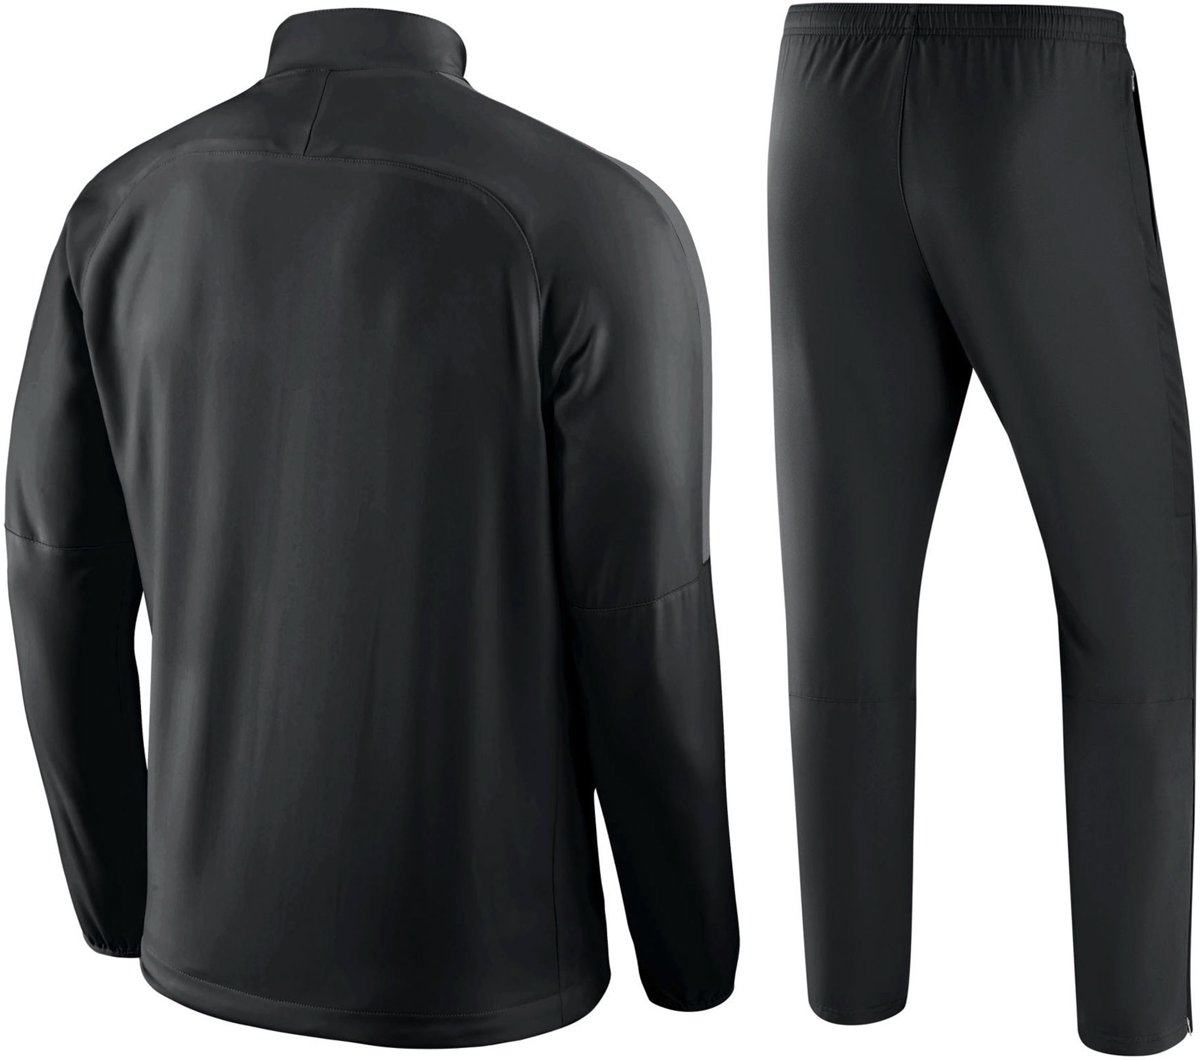 b07272863368da bol.com | Nike Dry Academy18 Trk Suit W Trainingspak Heren - Black/Black/ Anthracite/White